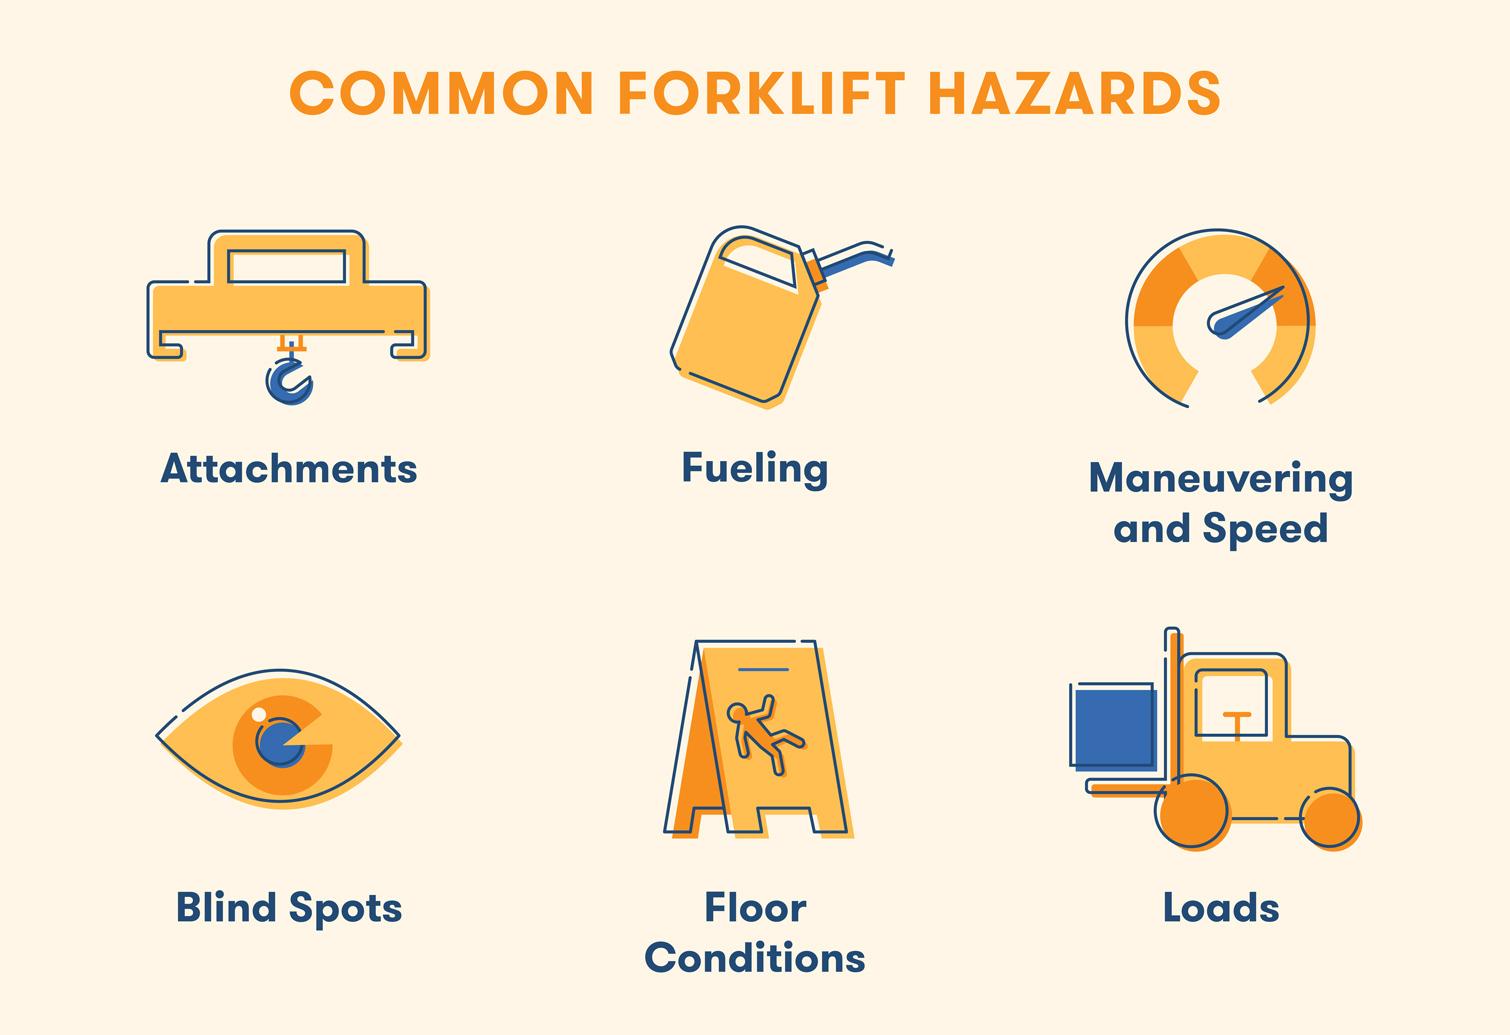 recap of forklift hazards